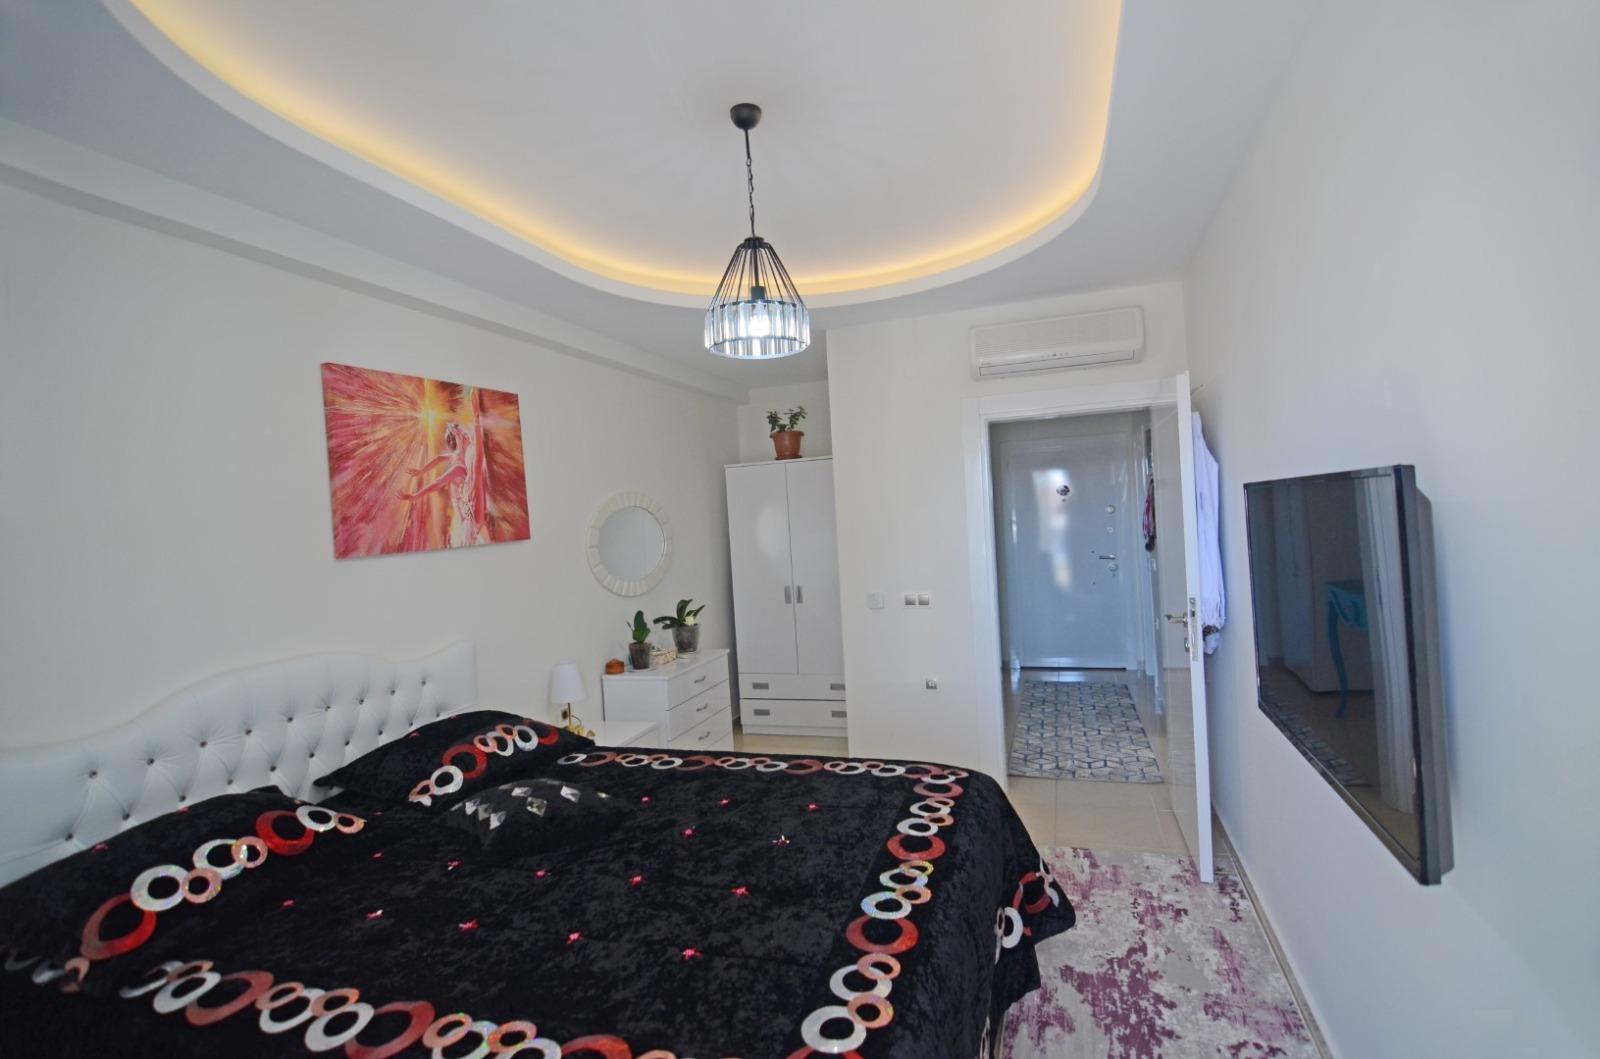 Меблированные апартаменты 1+1 в  Махмутлара - Фото 6